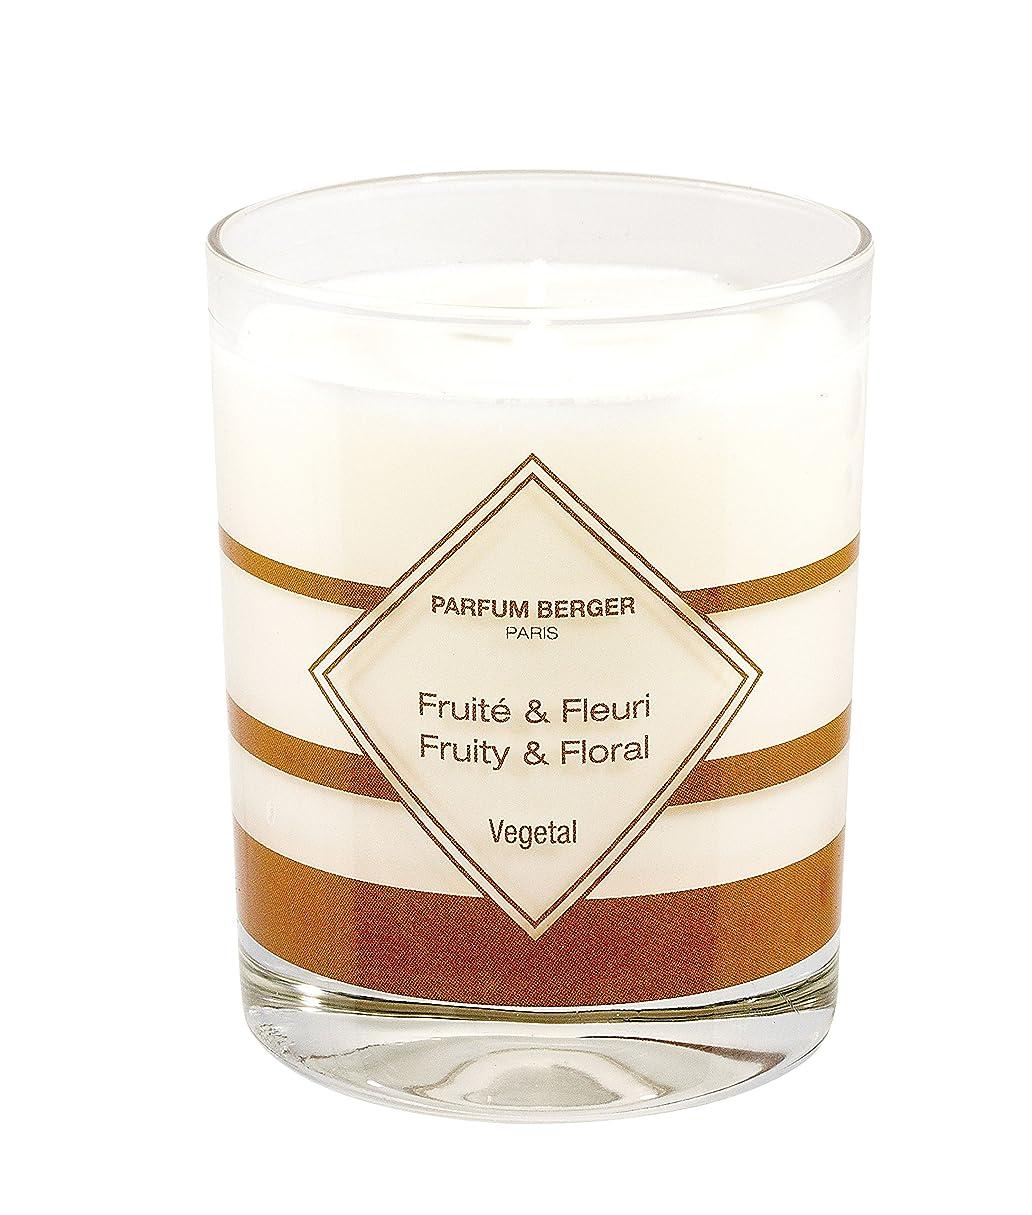 上へ対人対角線Parfum Berger/Lampe BergerアンチペットOdor Scented Candle?–?ガラス?–?ホワイト、10?x 10?x 10?cm